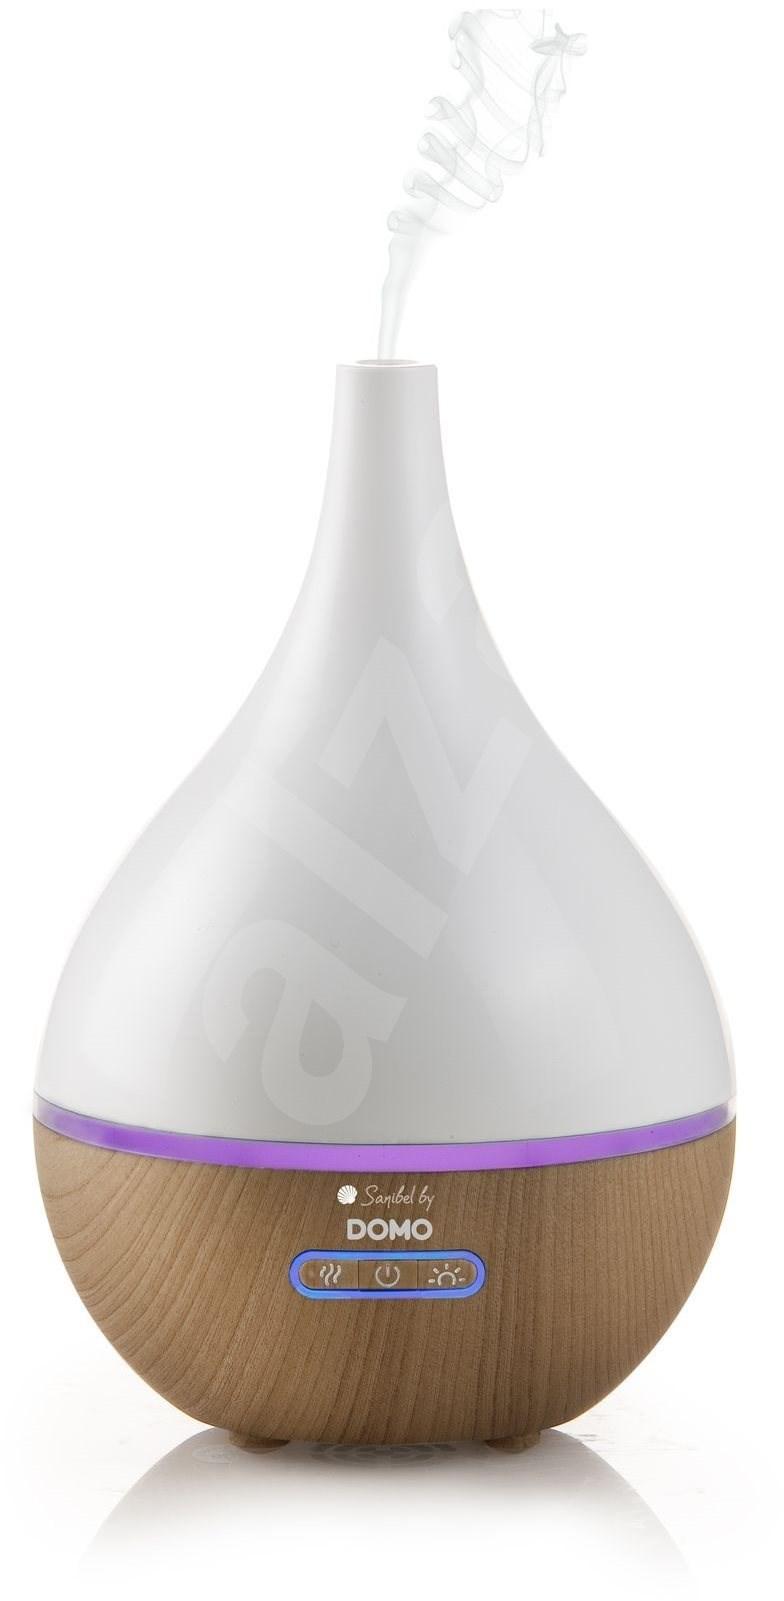 DOMO DO9213AV illatosító készülék - Aroma diffúzor